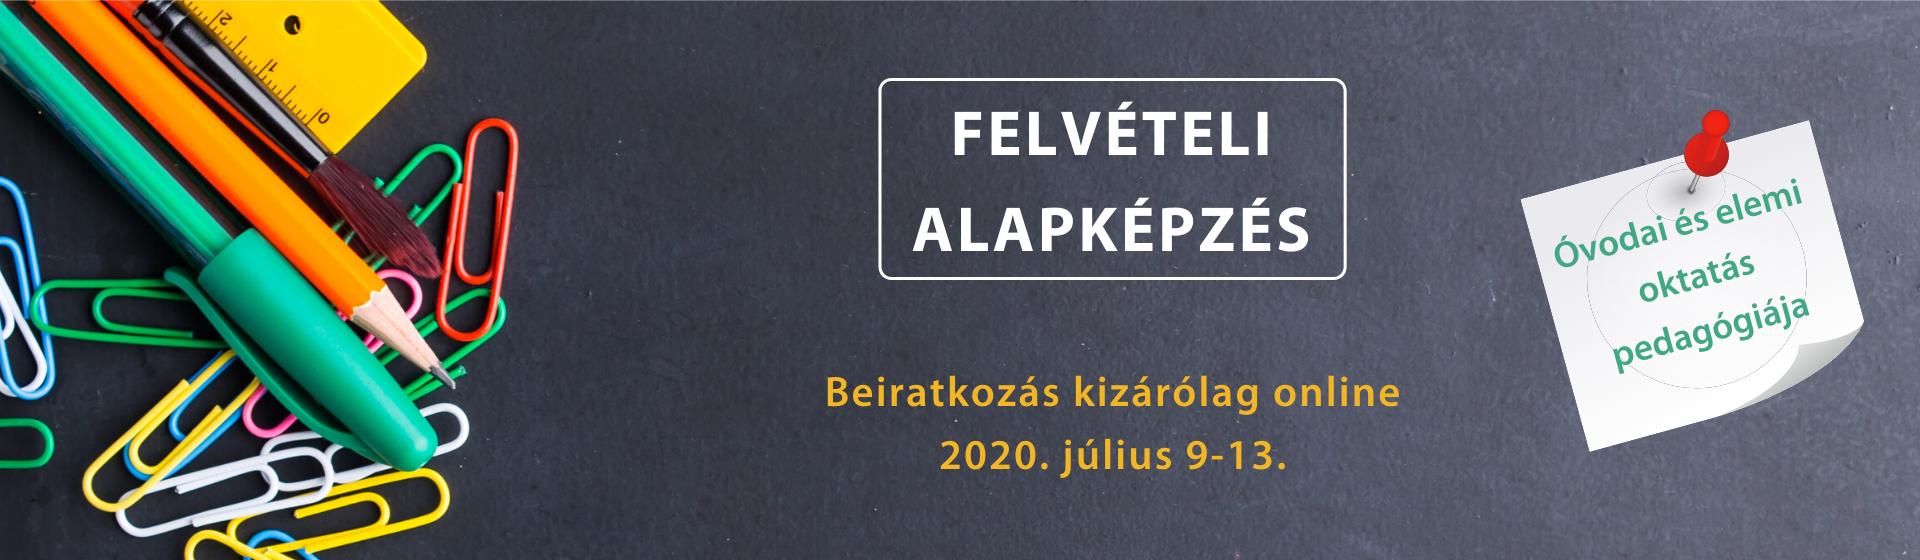 Felvételi alapképzés 2020 – honlap banner (1)